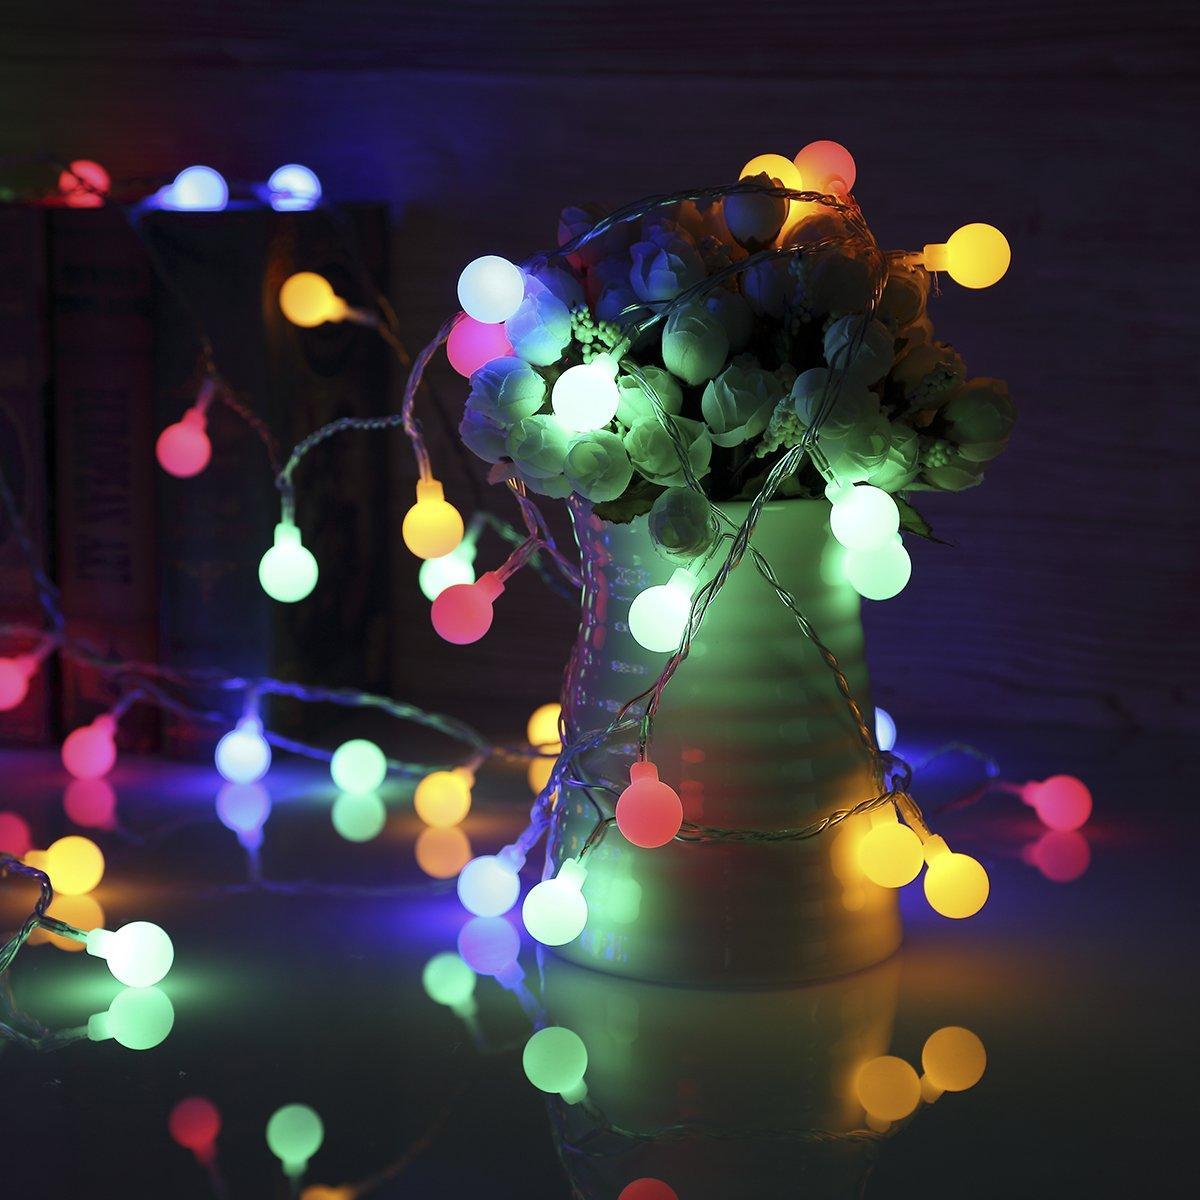 Светильники светодиодные струнные водонепроницаемые  GREEMPIRE 40 штук